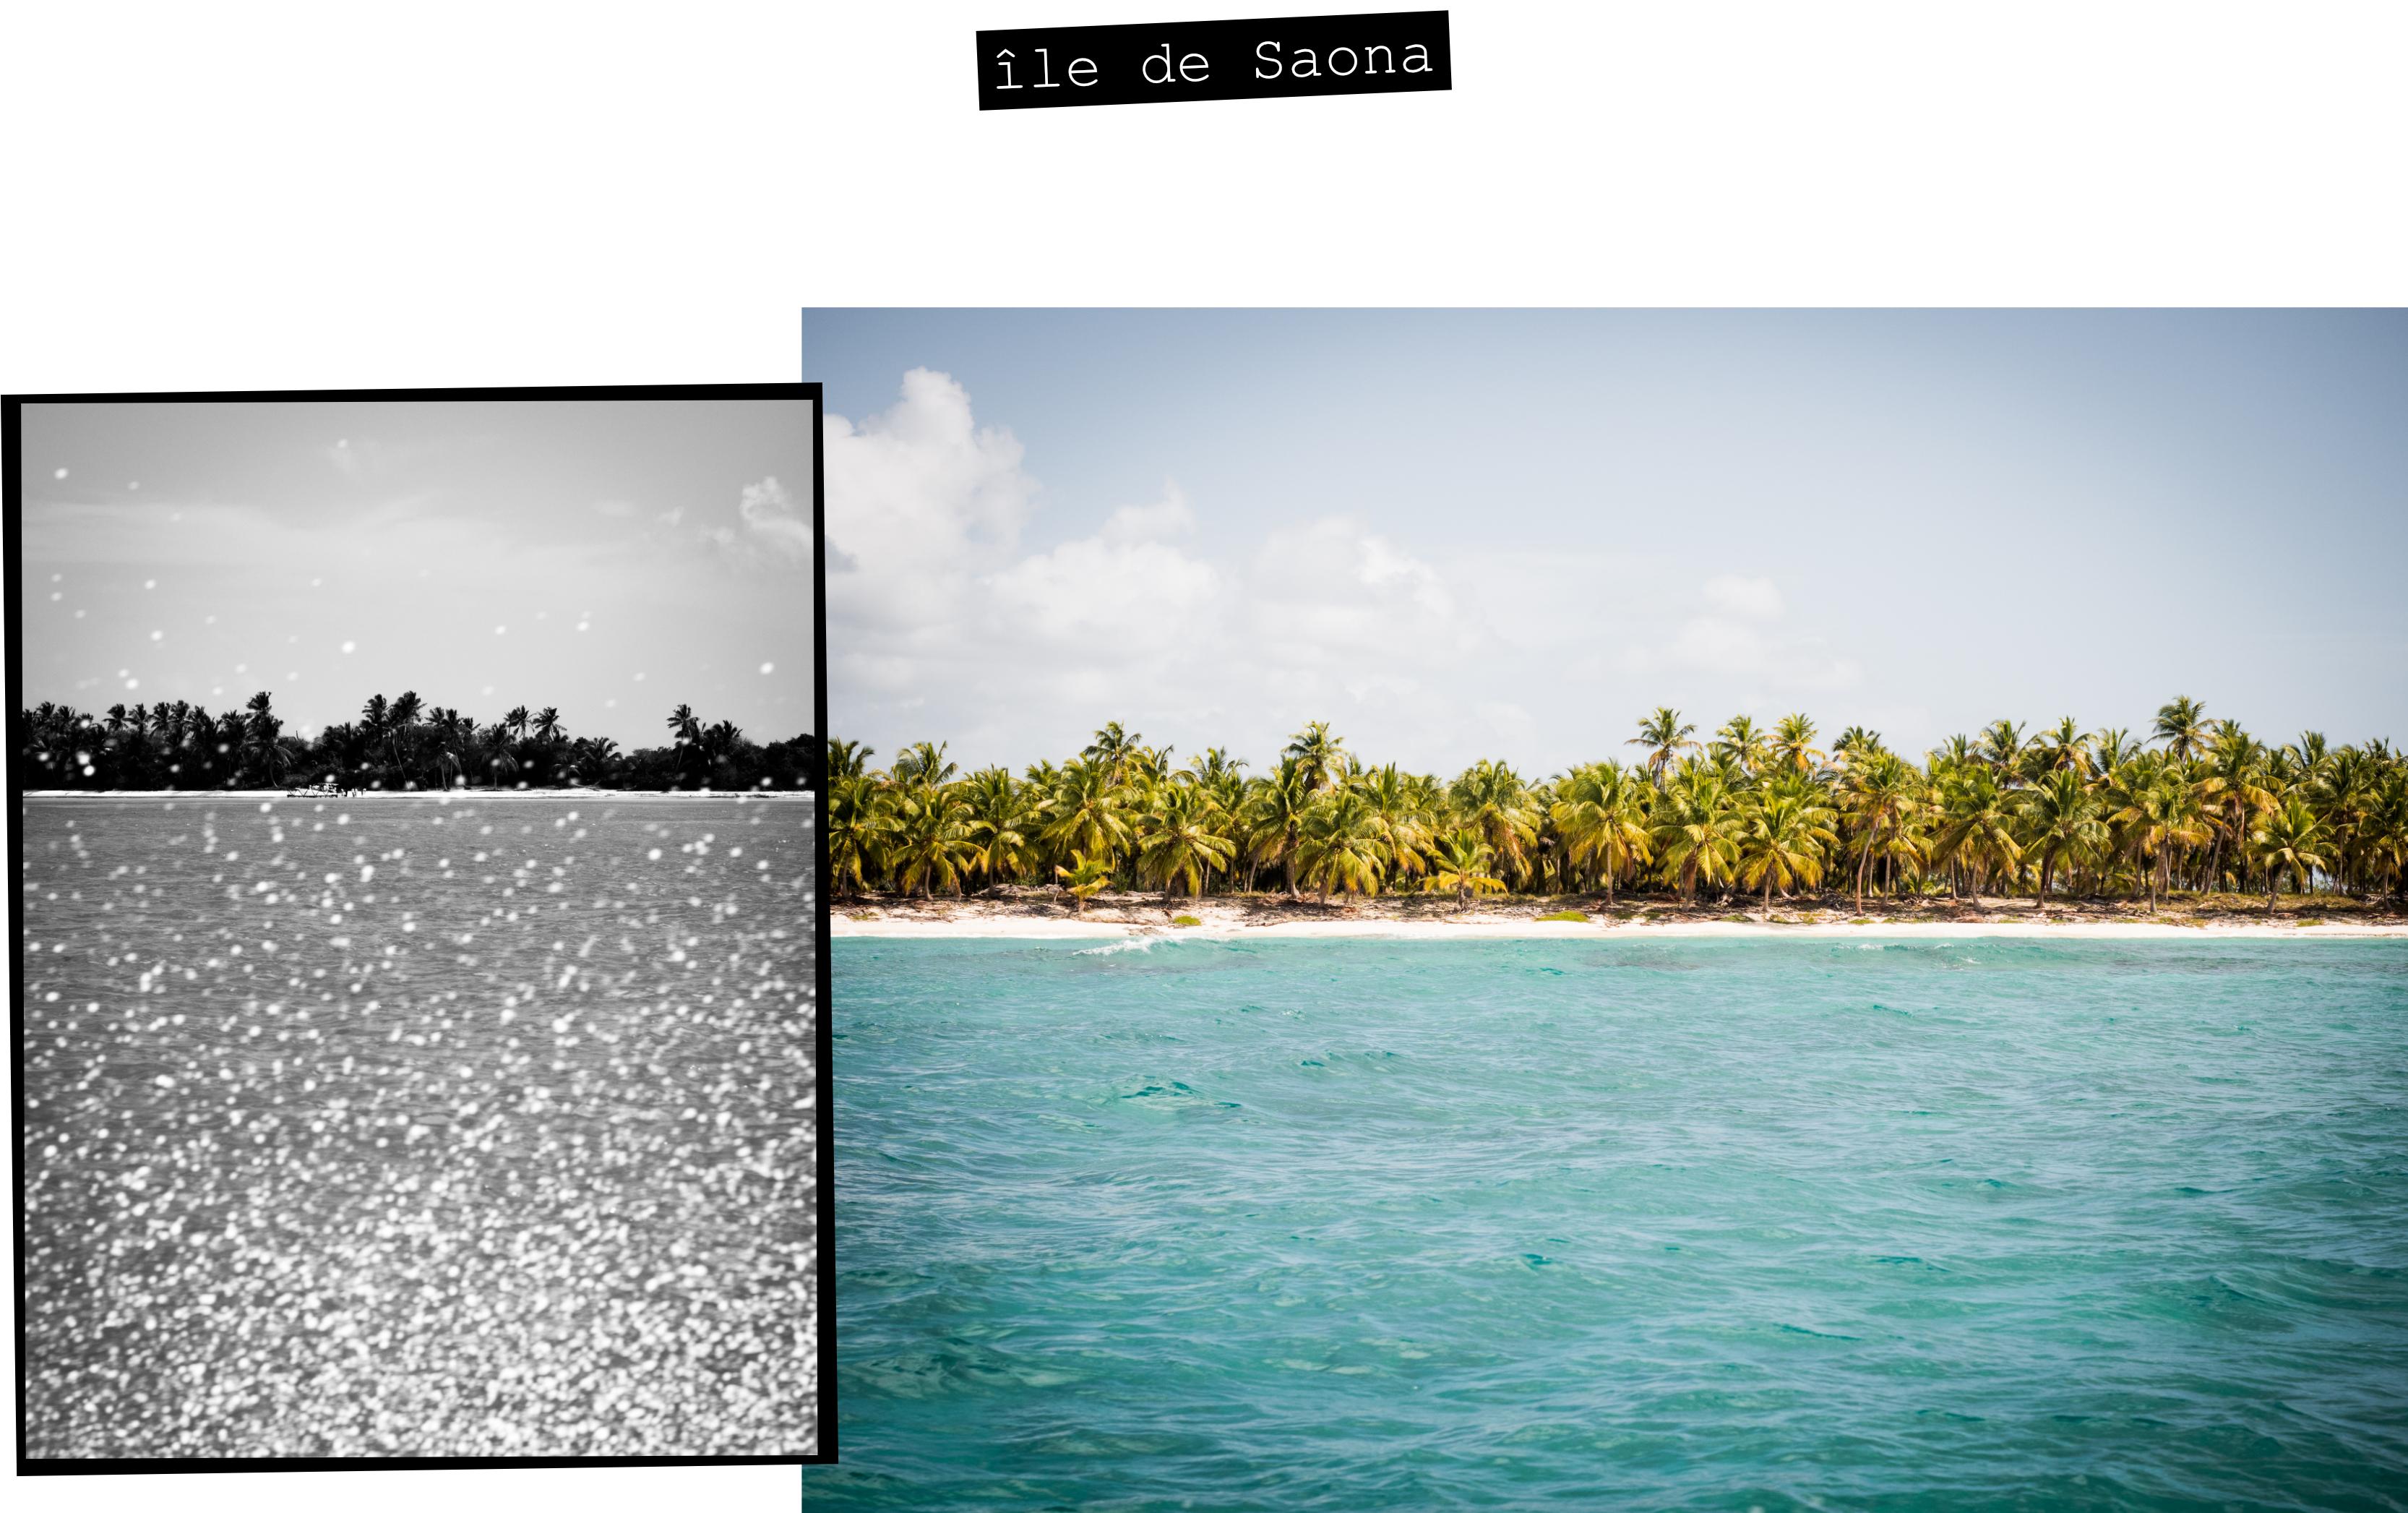 plage caraibes -photo de la mer des caraibes-plage saona republique dominicaine